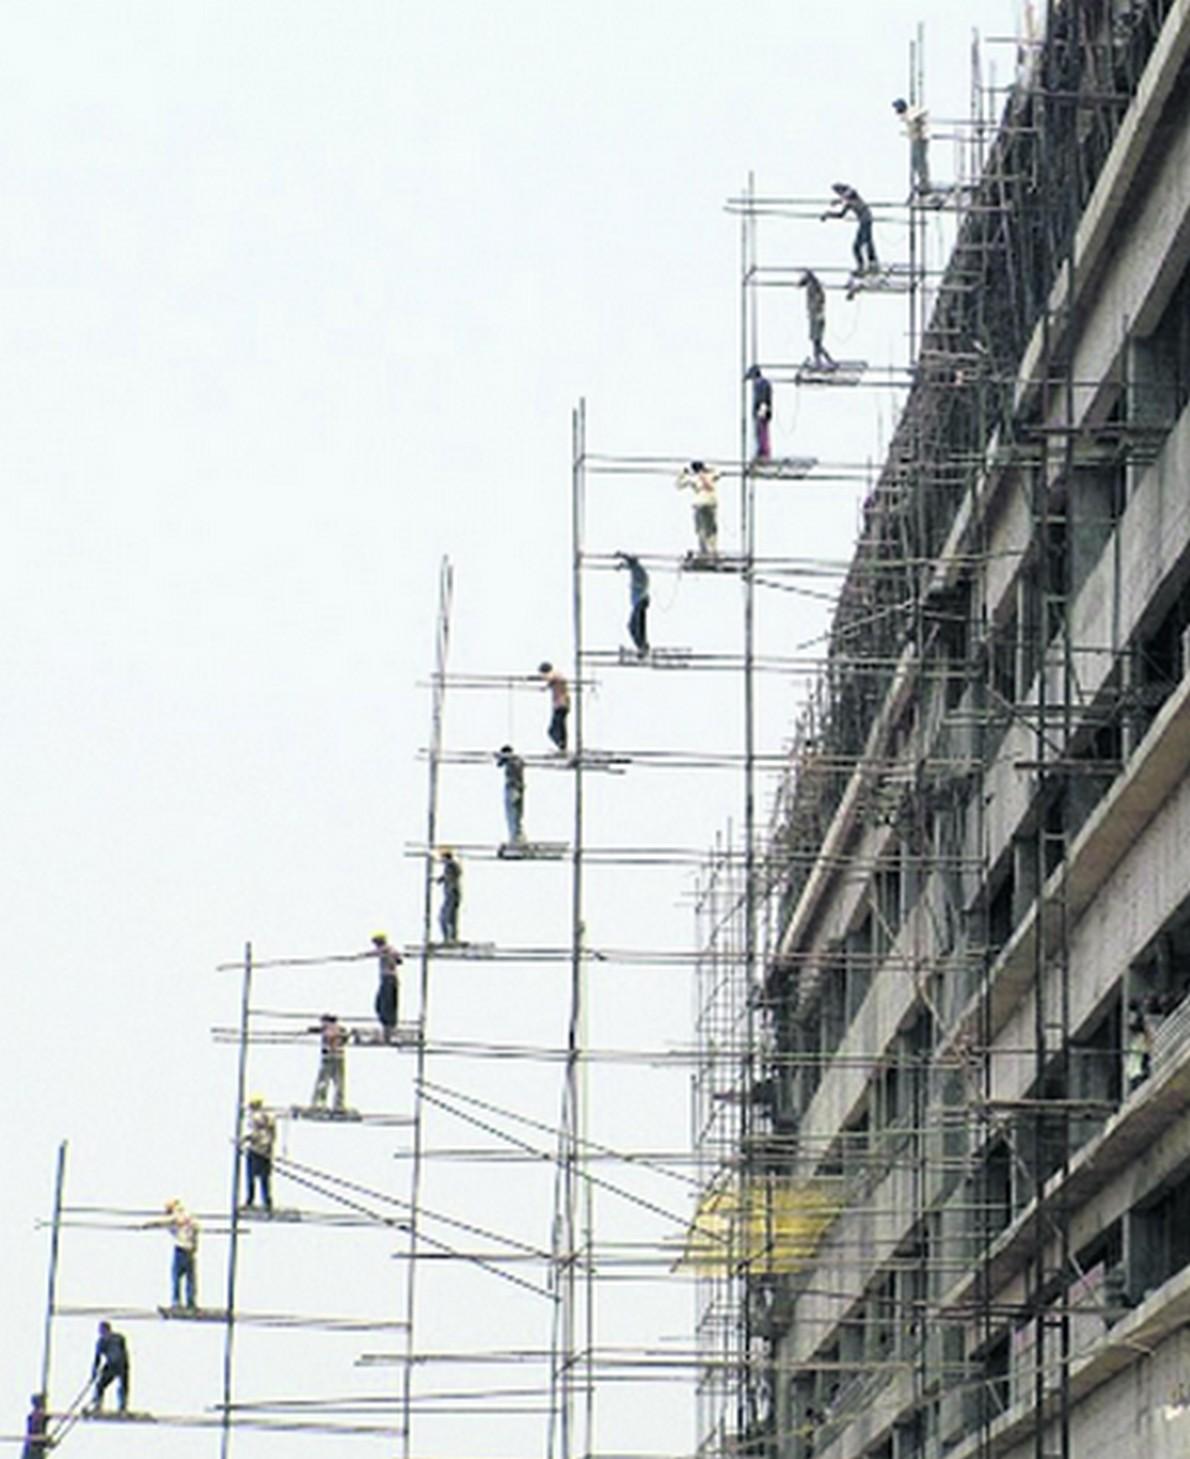 Suggestiva immagine di un edificio in costruzione